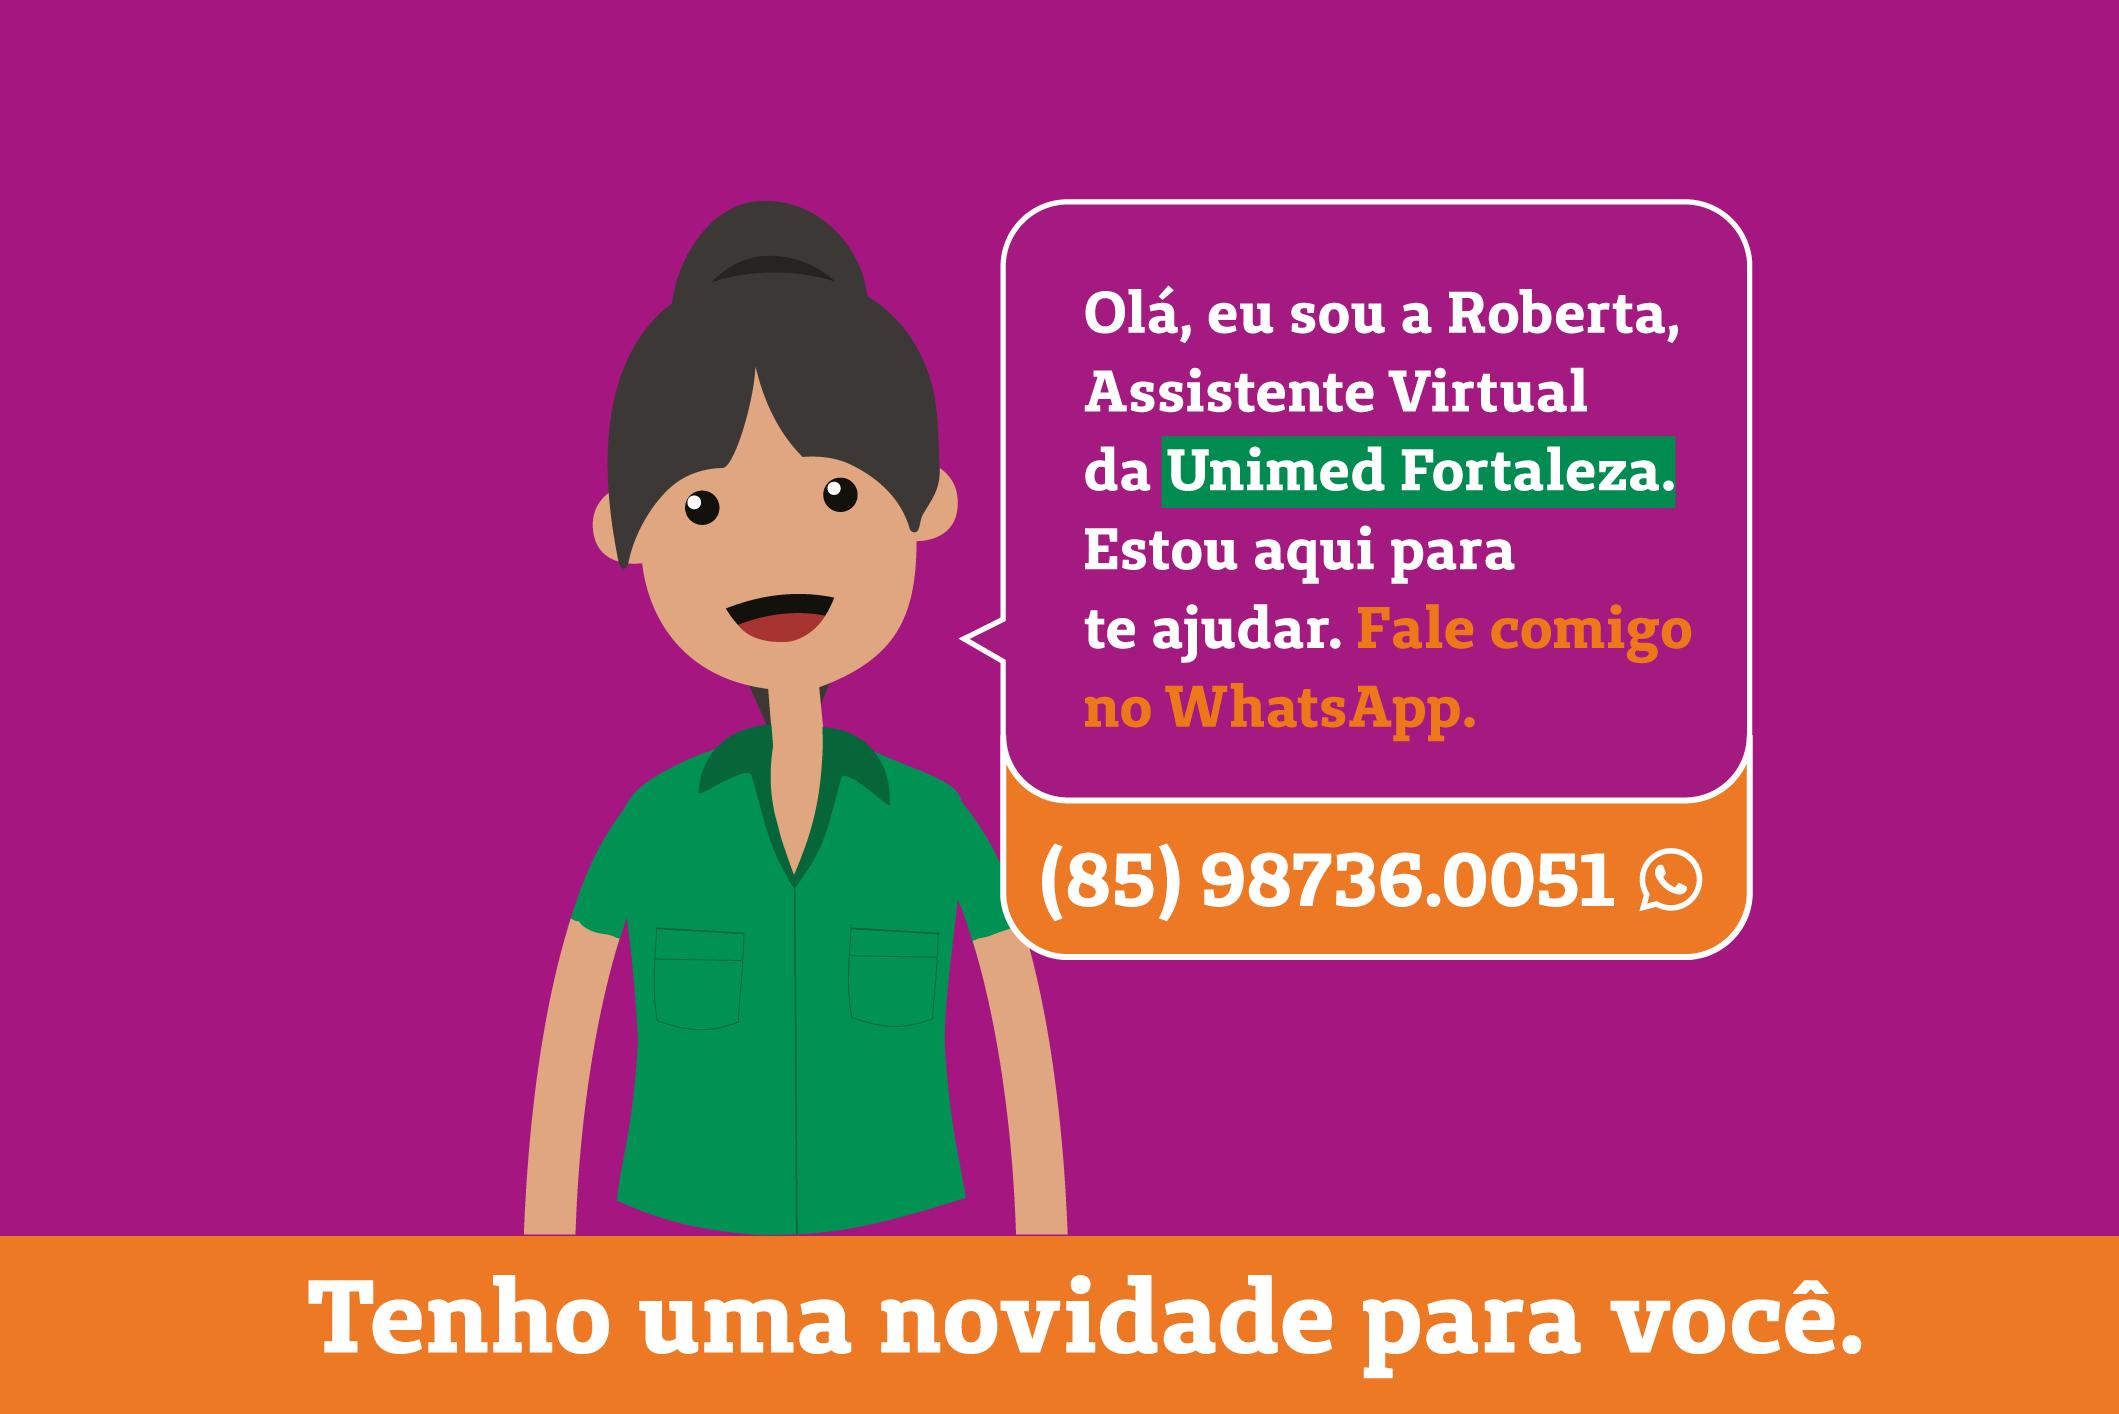 Tenha ainda mais comodidade com nossa assistente virtual Roberta